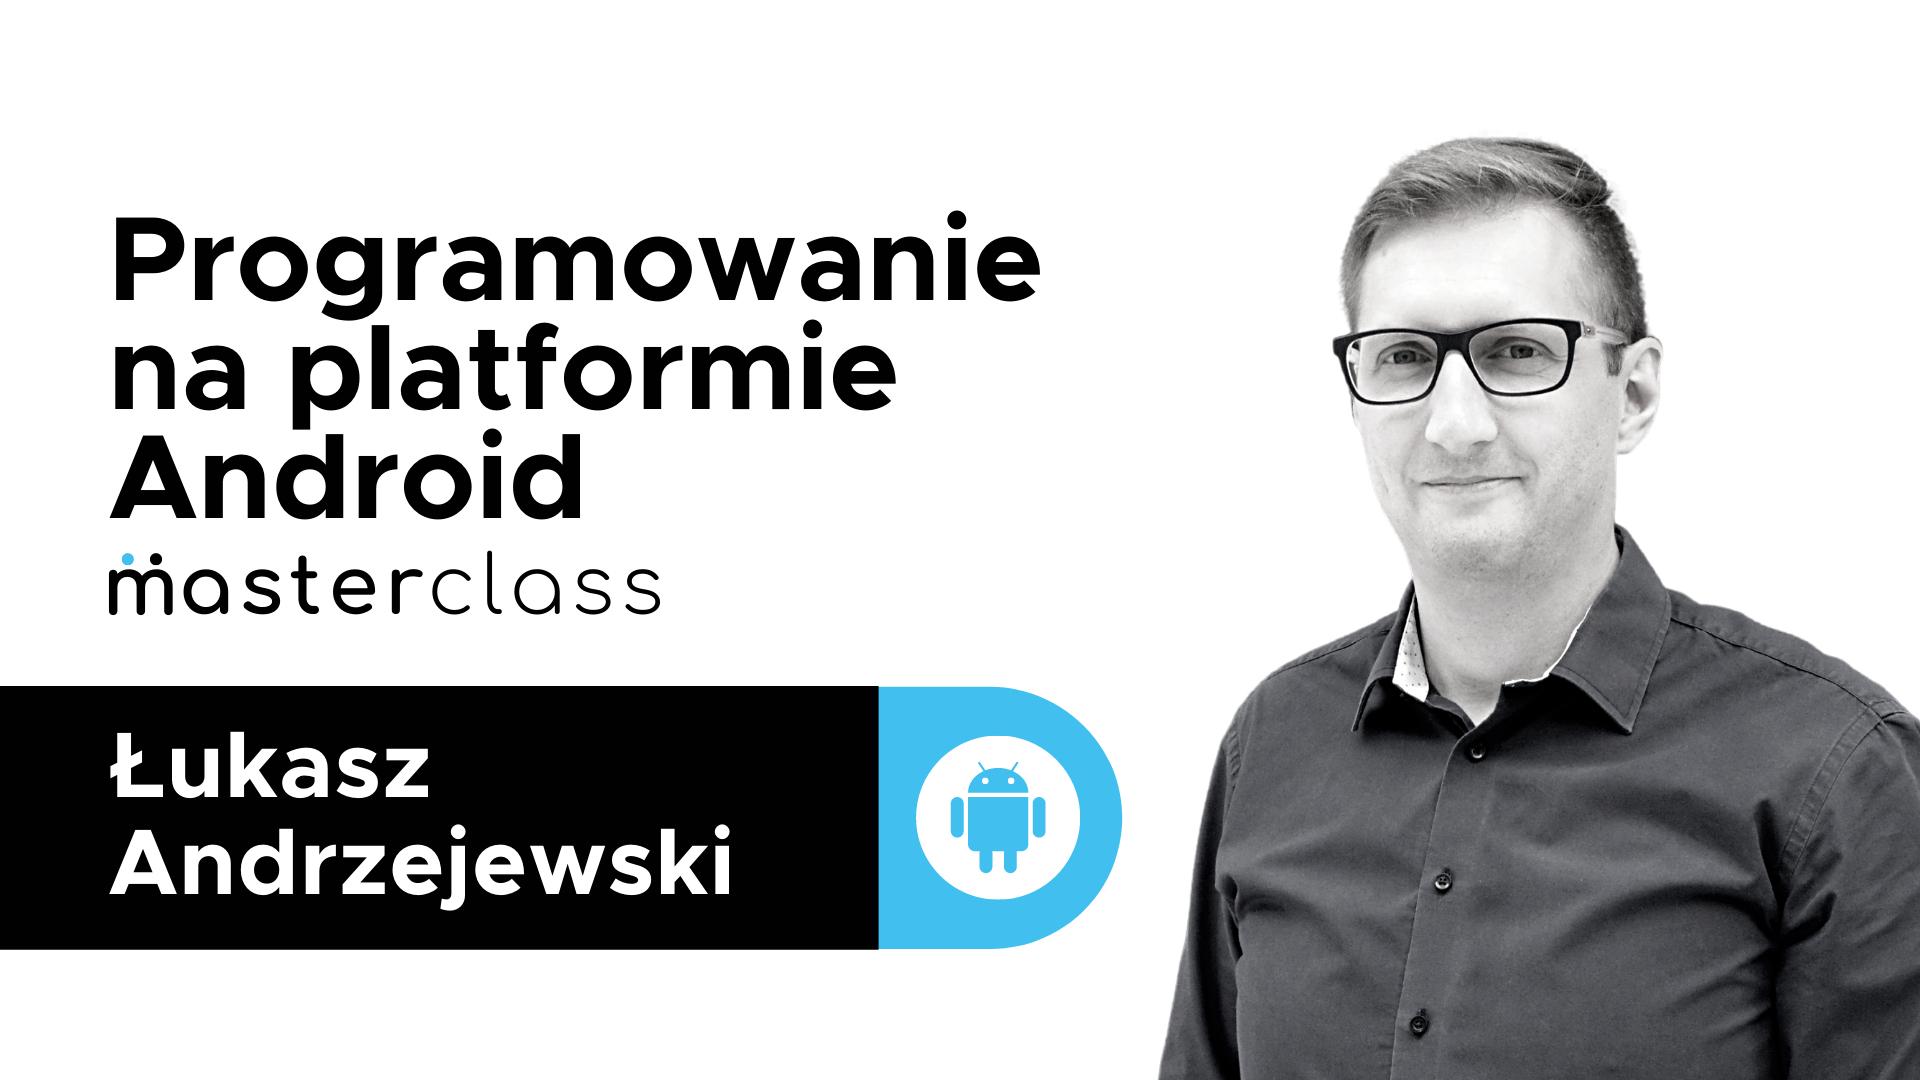 Kurs e-learningowy, szkolenie z Androida w promocji